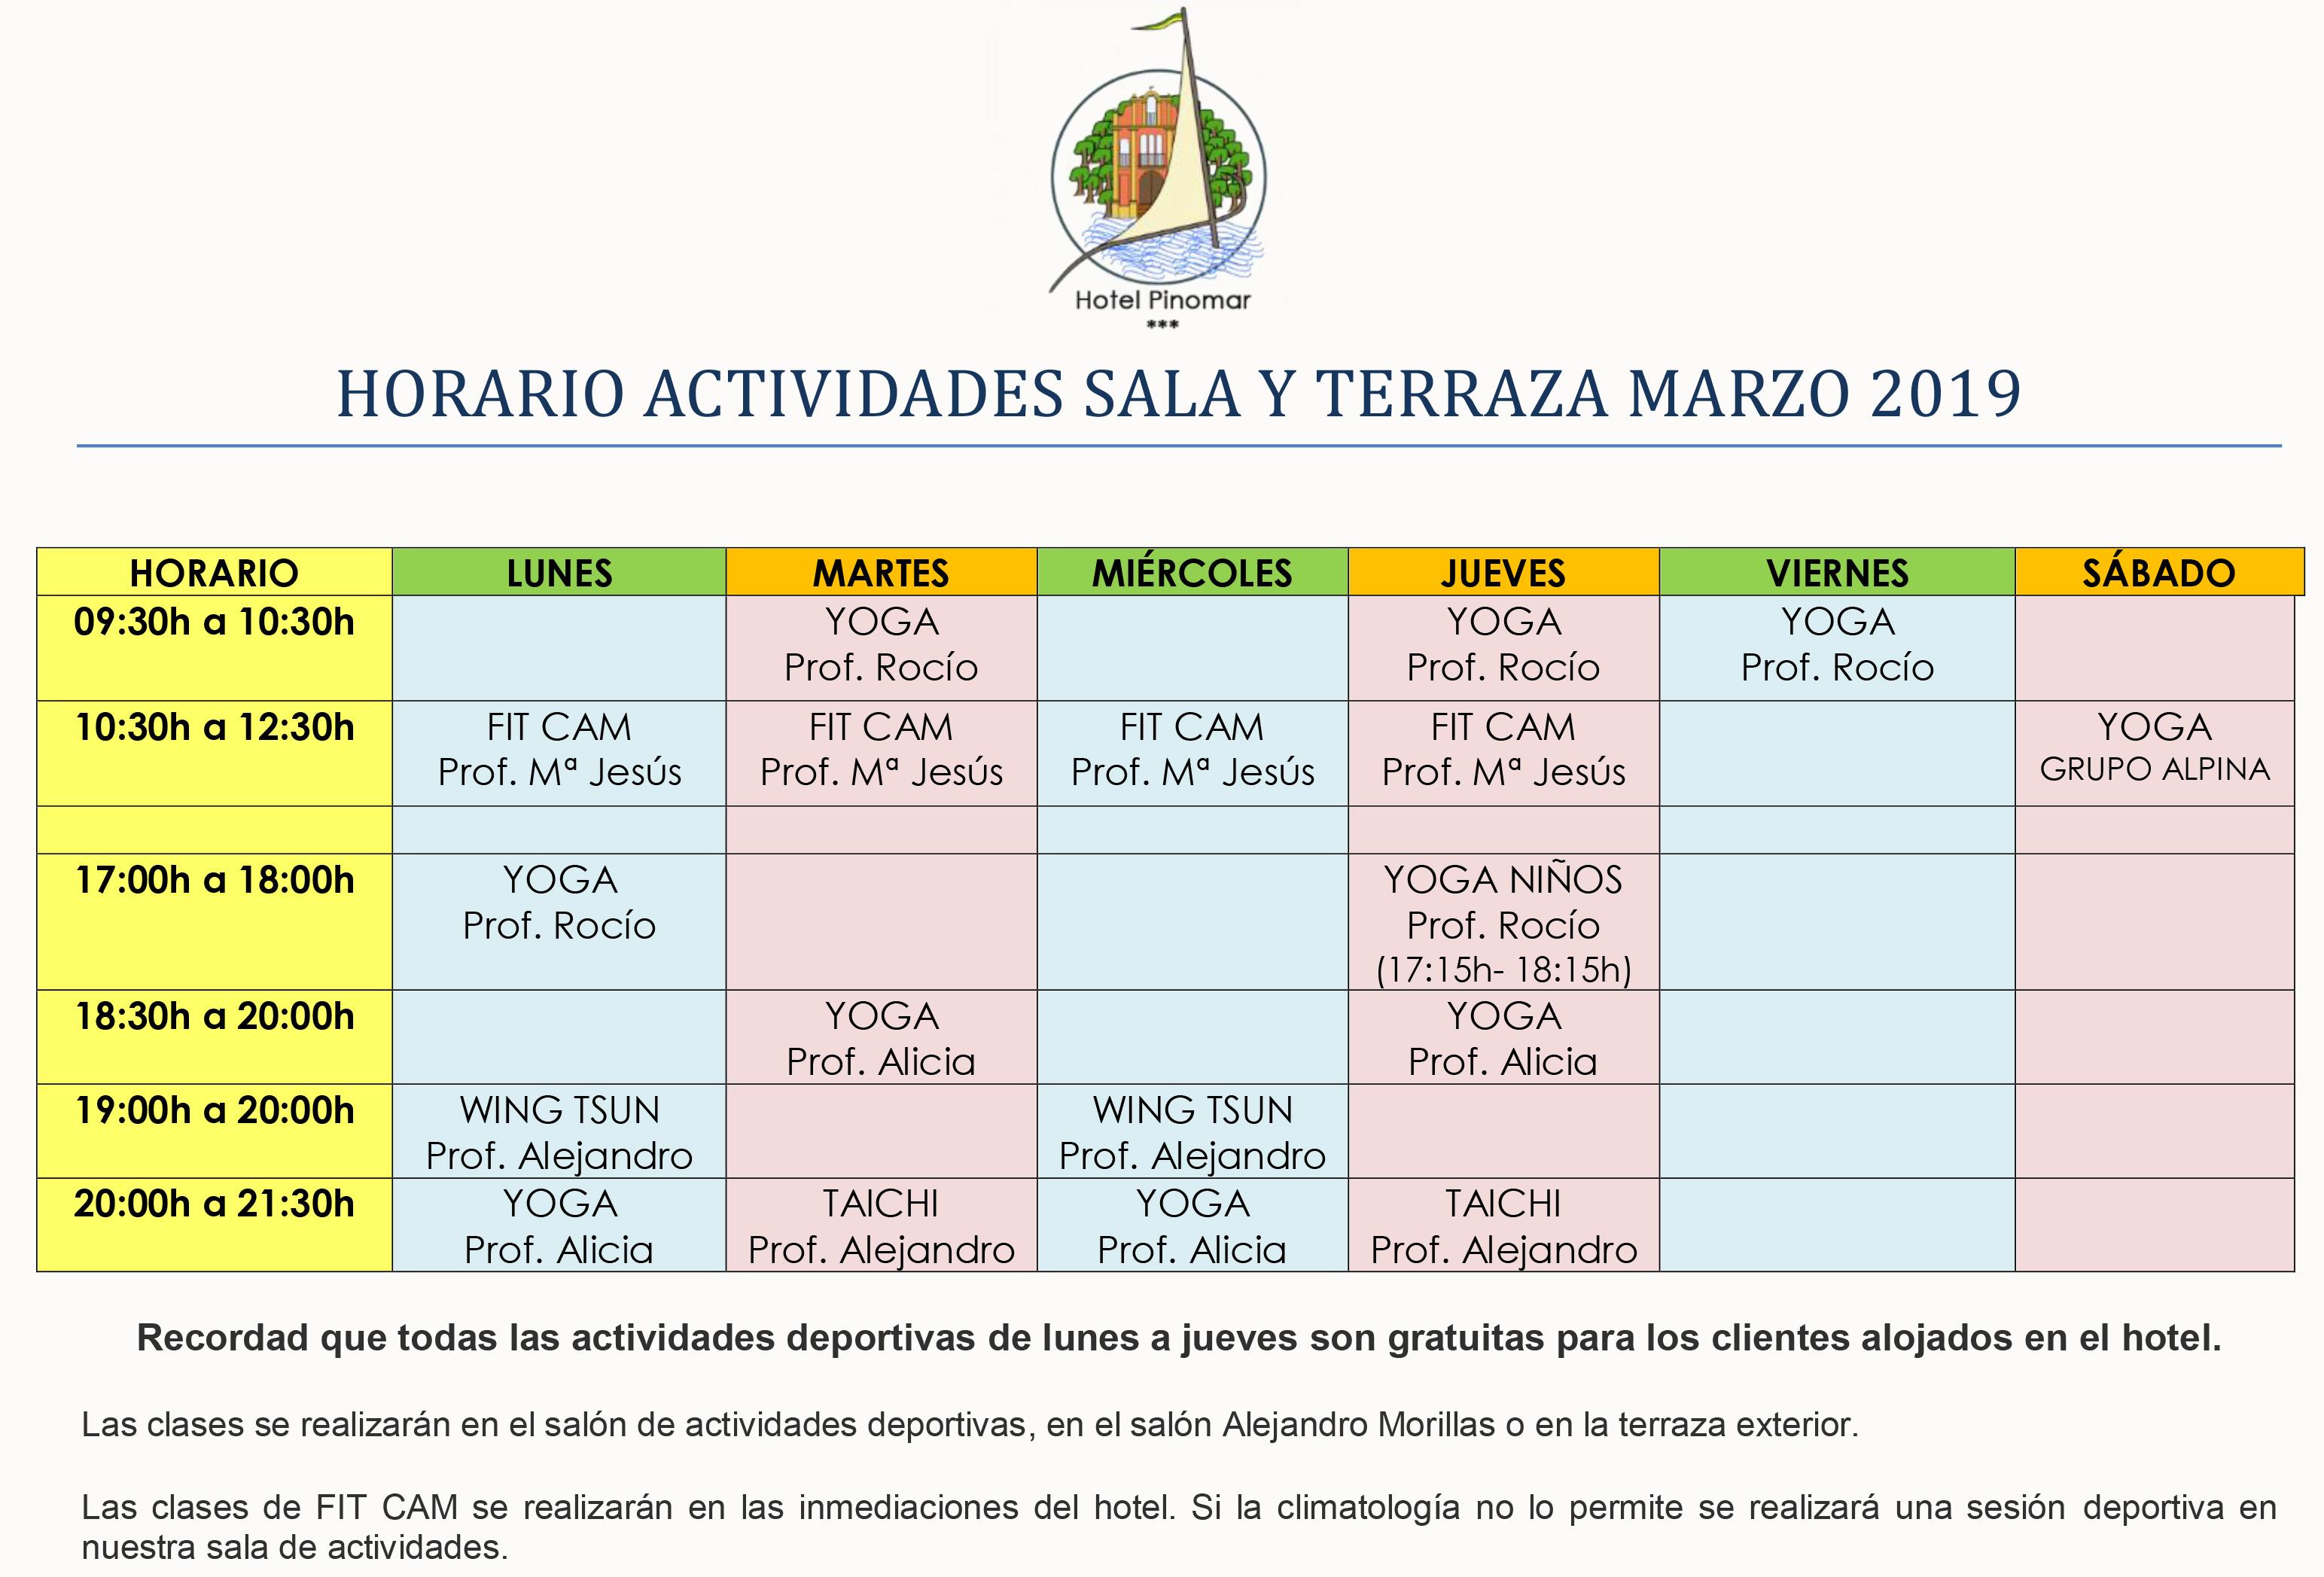 HORARIO ACTIVIDADES DIRIGIDAS MARZO 2019